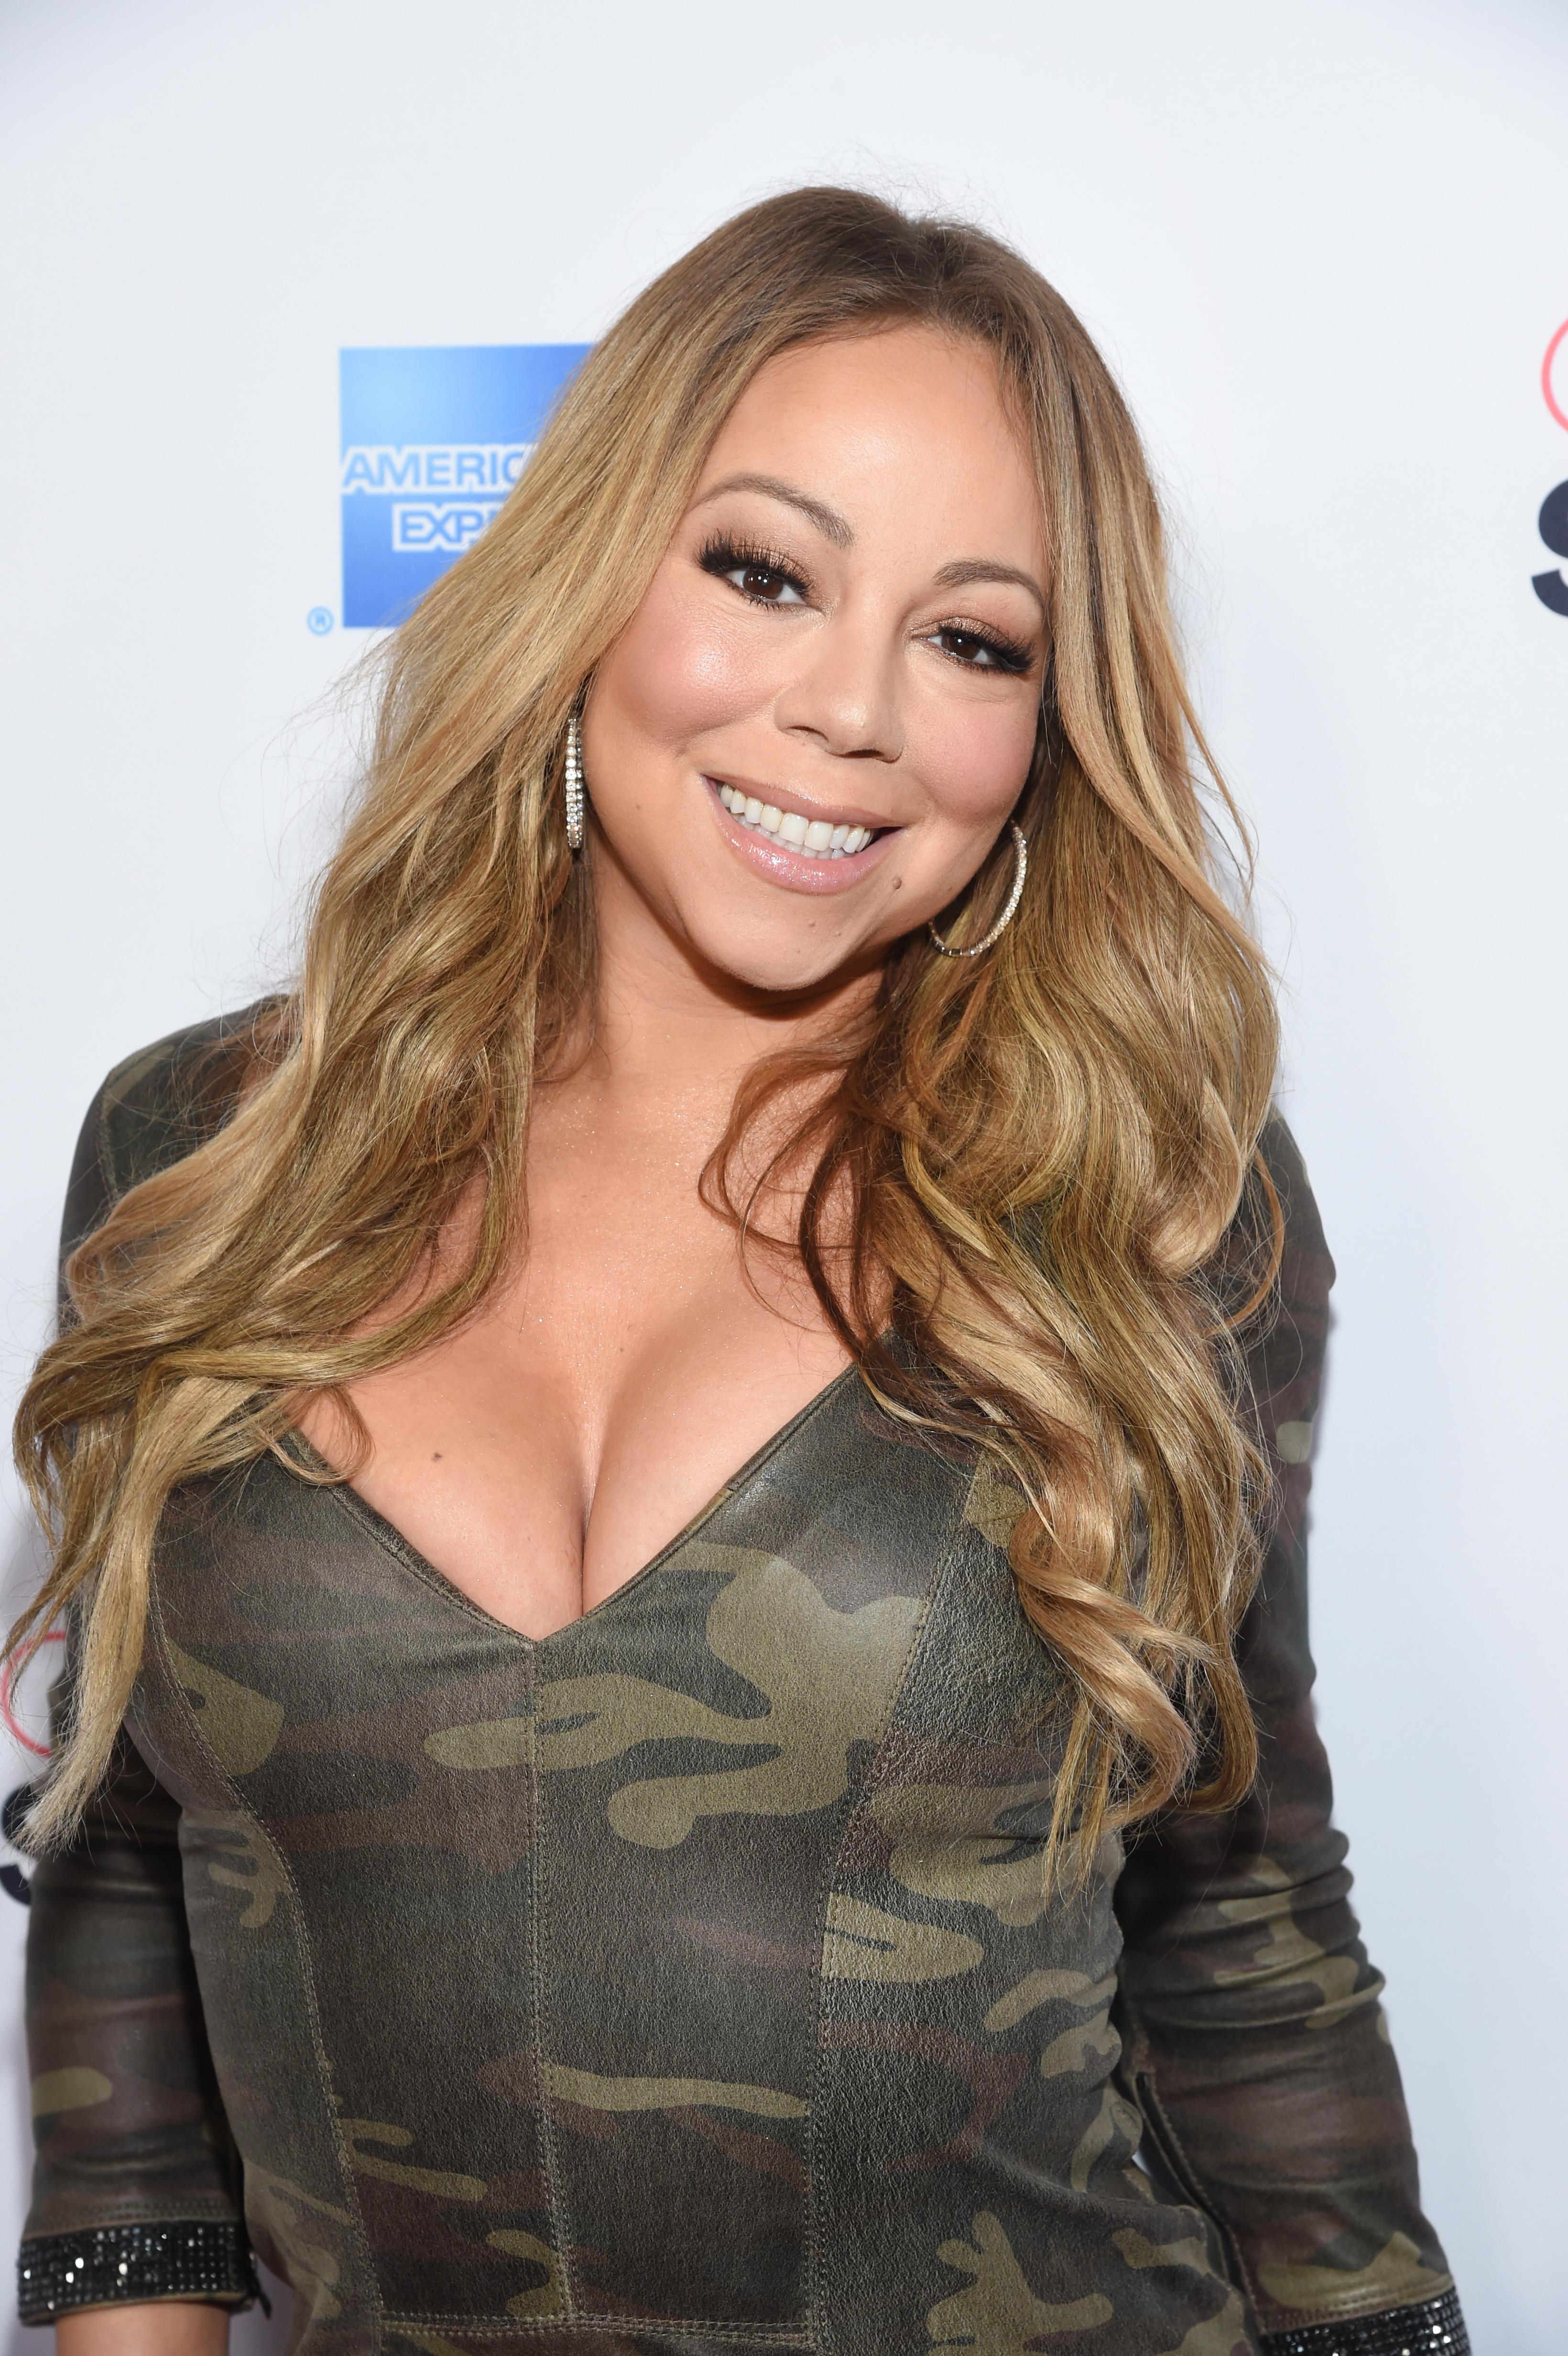 Η Mariah Carey κάνει μπάνιο σε γάλα! Γιατί είναι η Mariah Carey! | tlife.gr